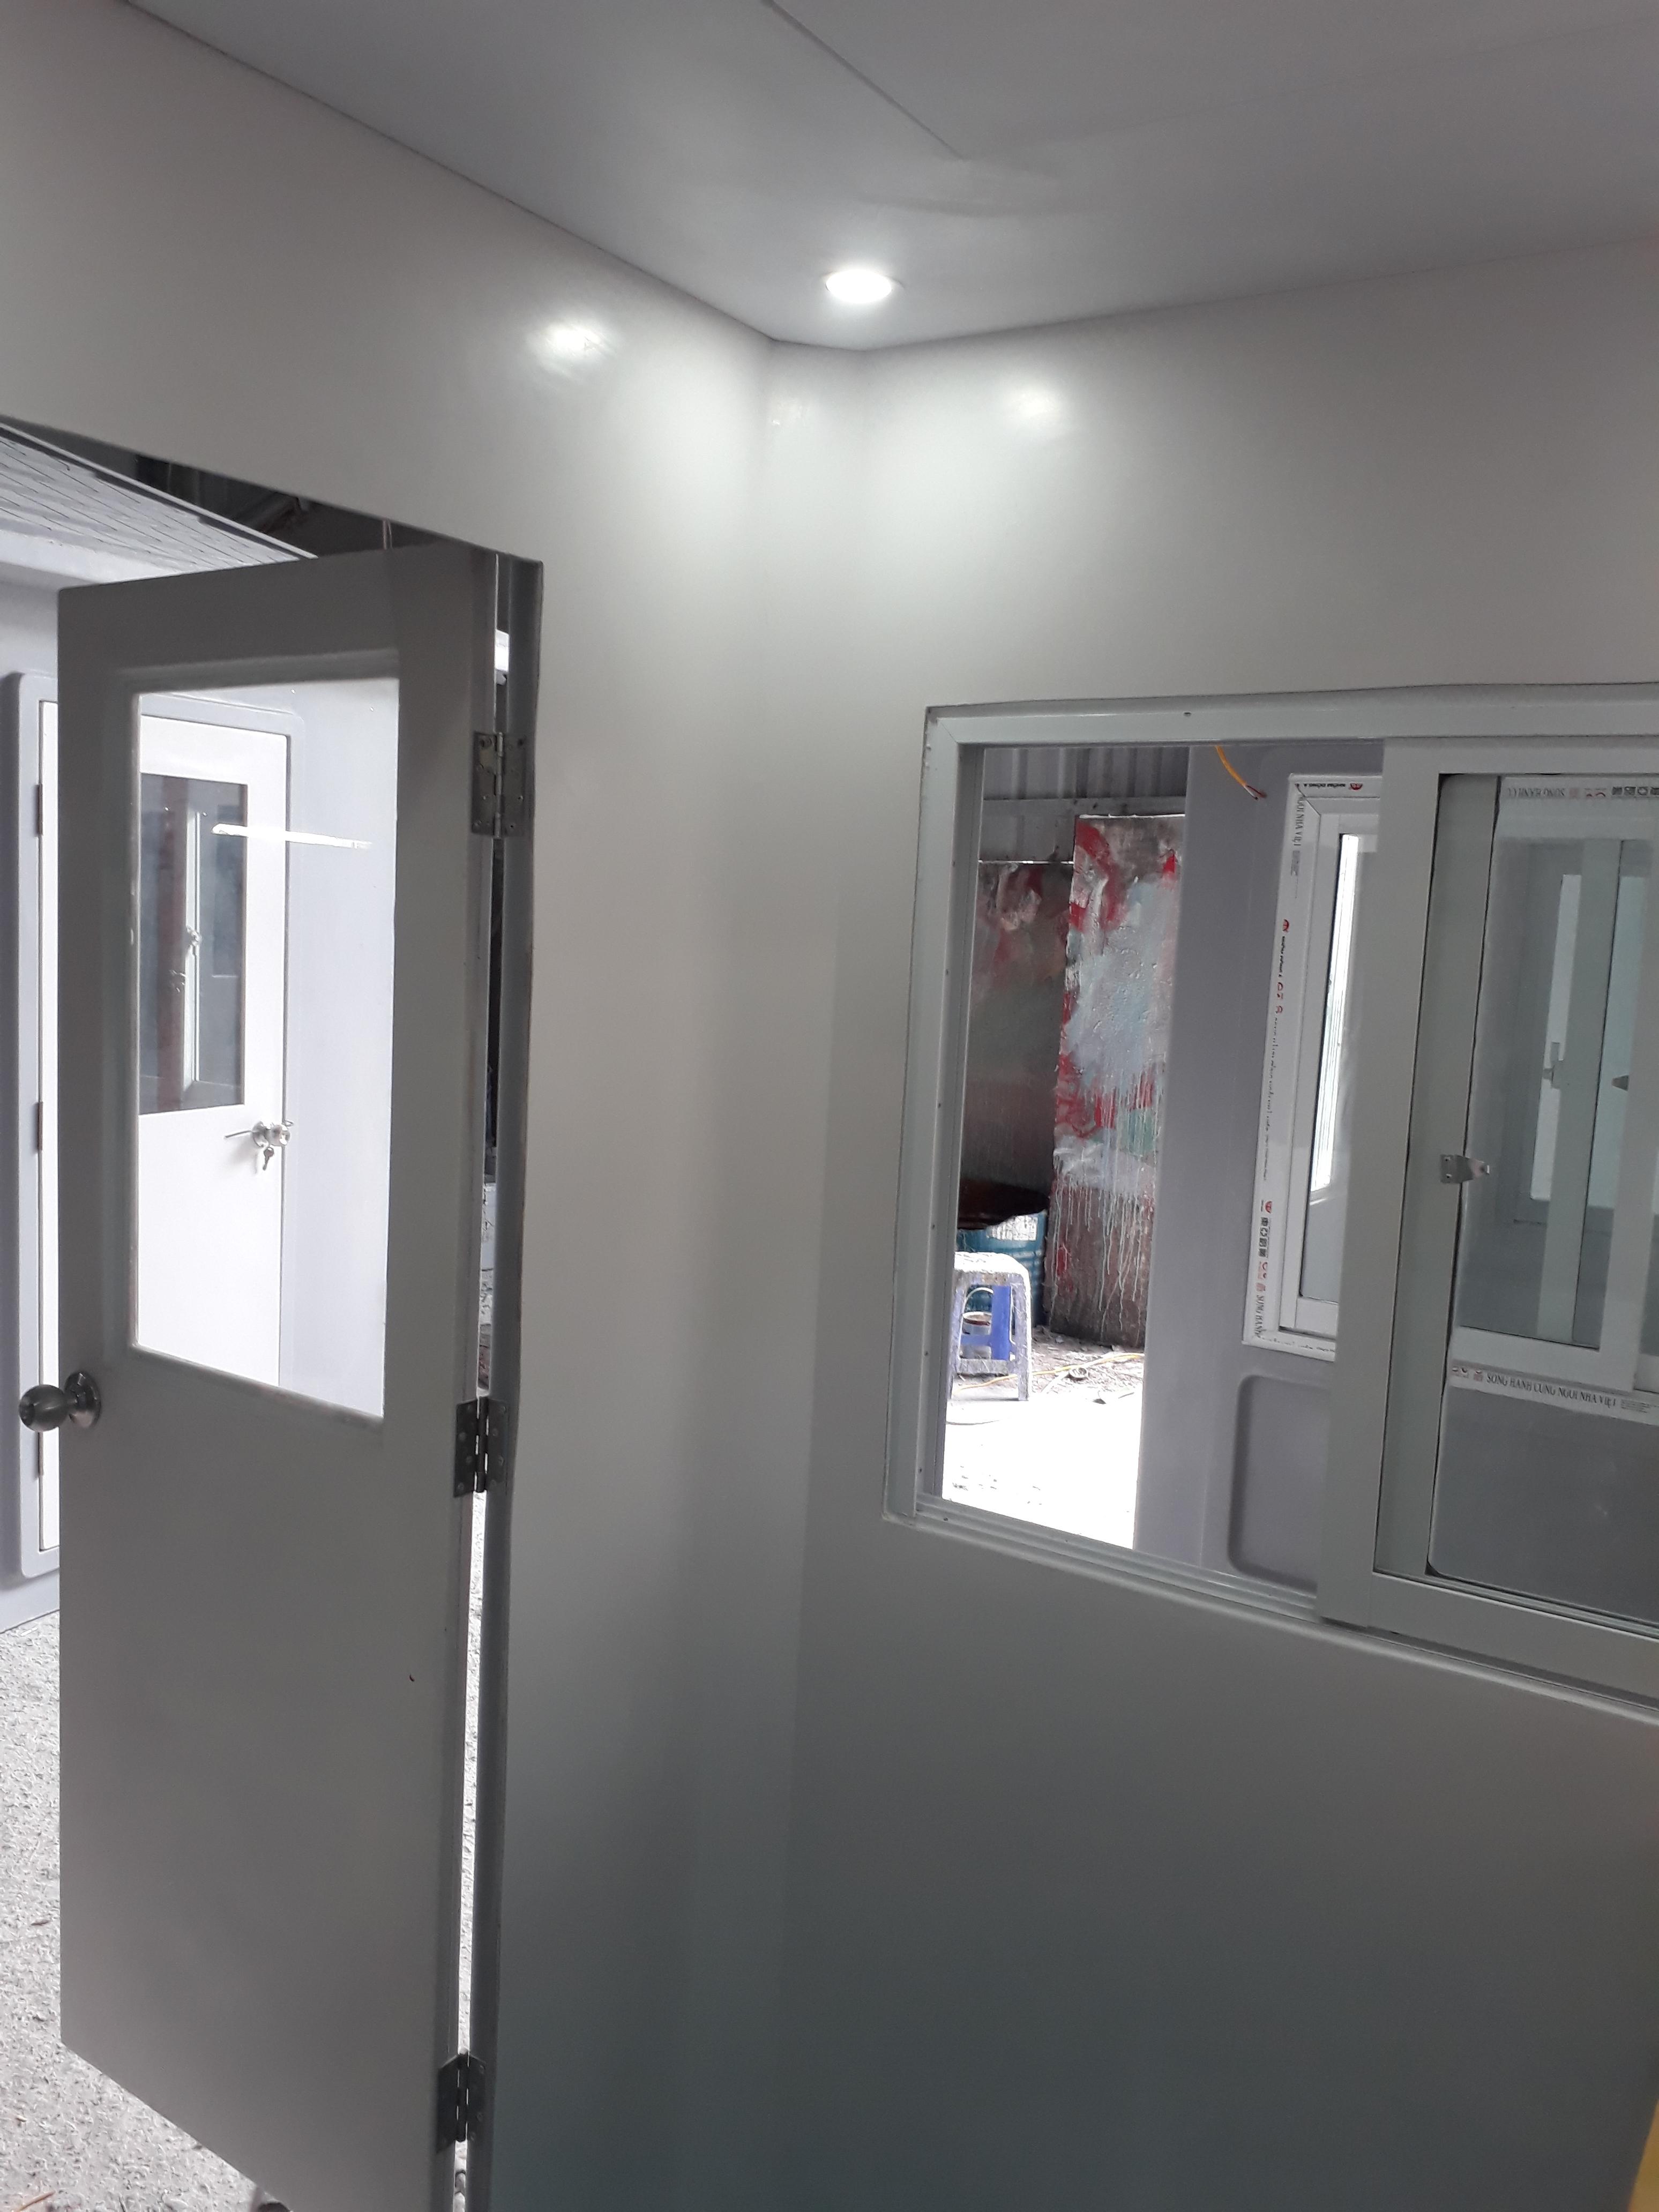 Chúng tôi sử dụng vật liệu composite cao cấp cho nội thất nhà bảo vệ